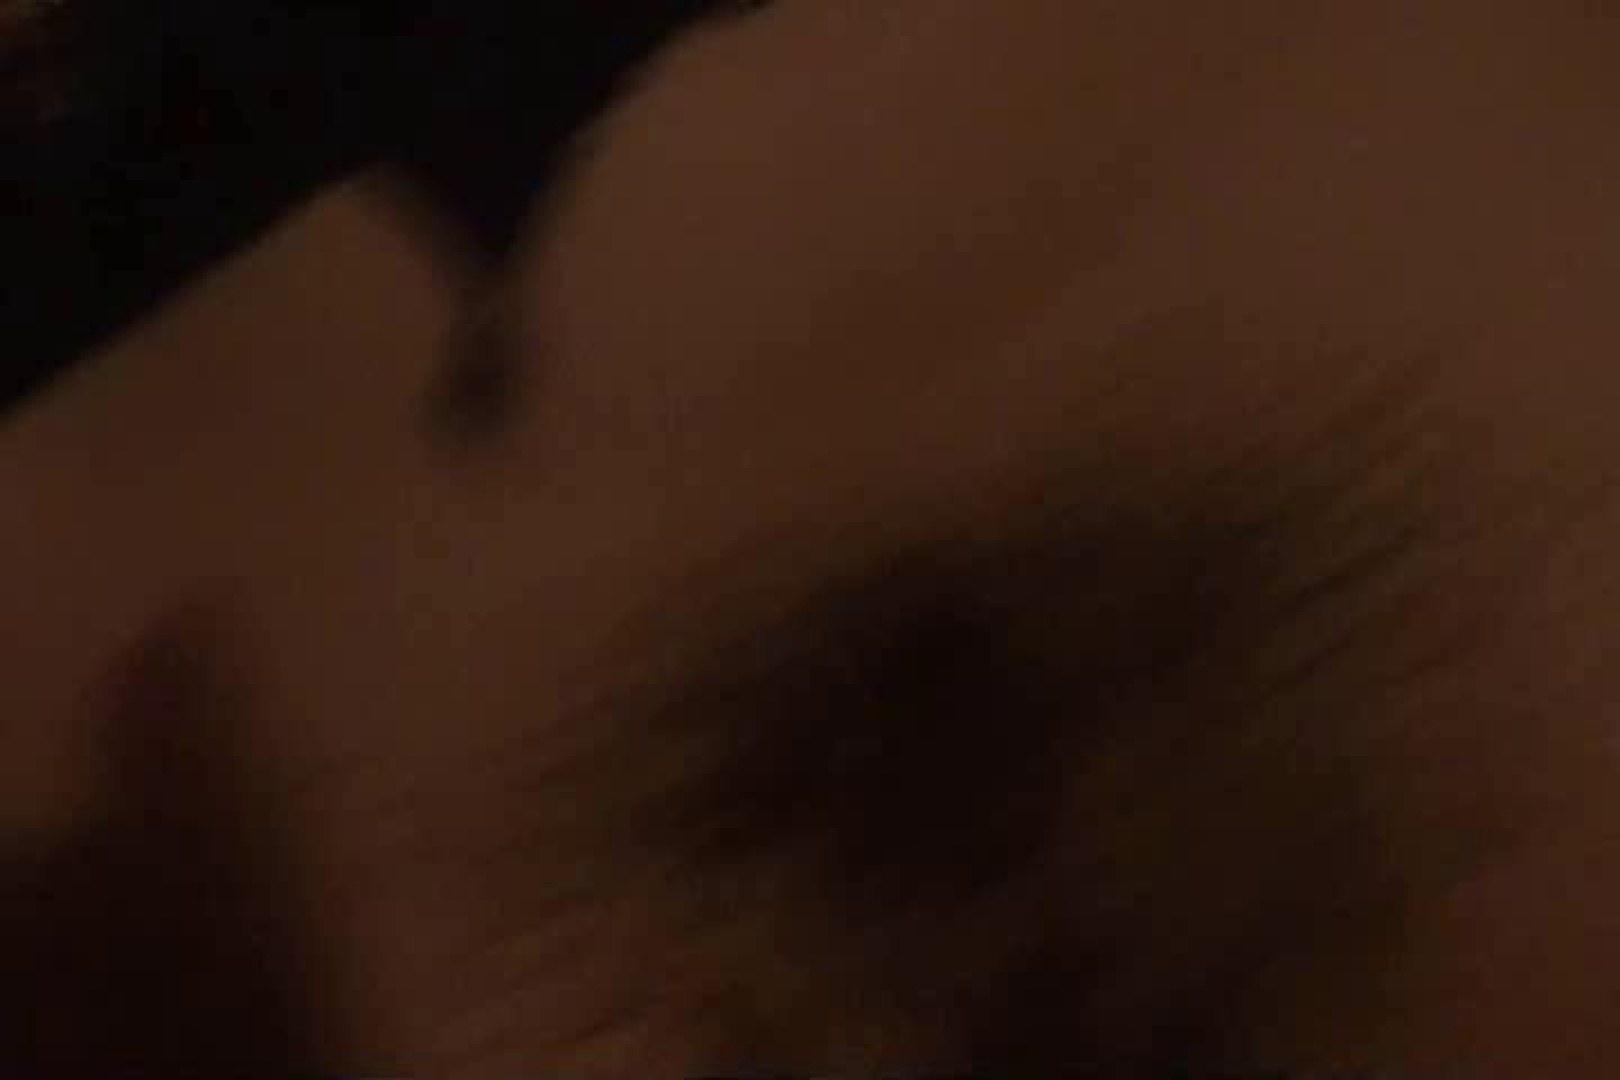 独占配信! ●罪証拠DVD 起きません! vol.06 投稿 セックス画像 47連発 42